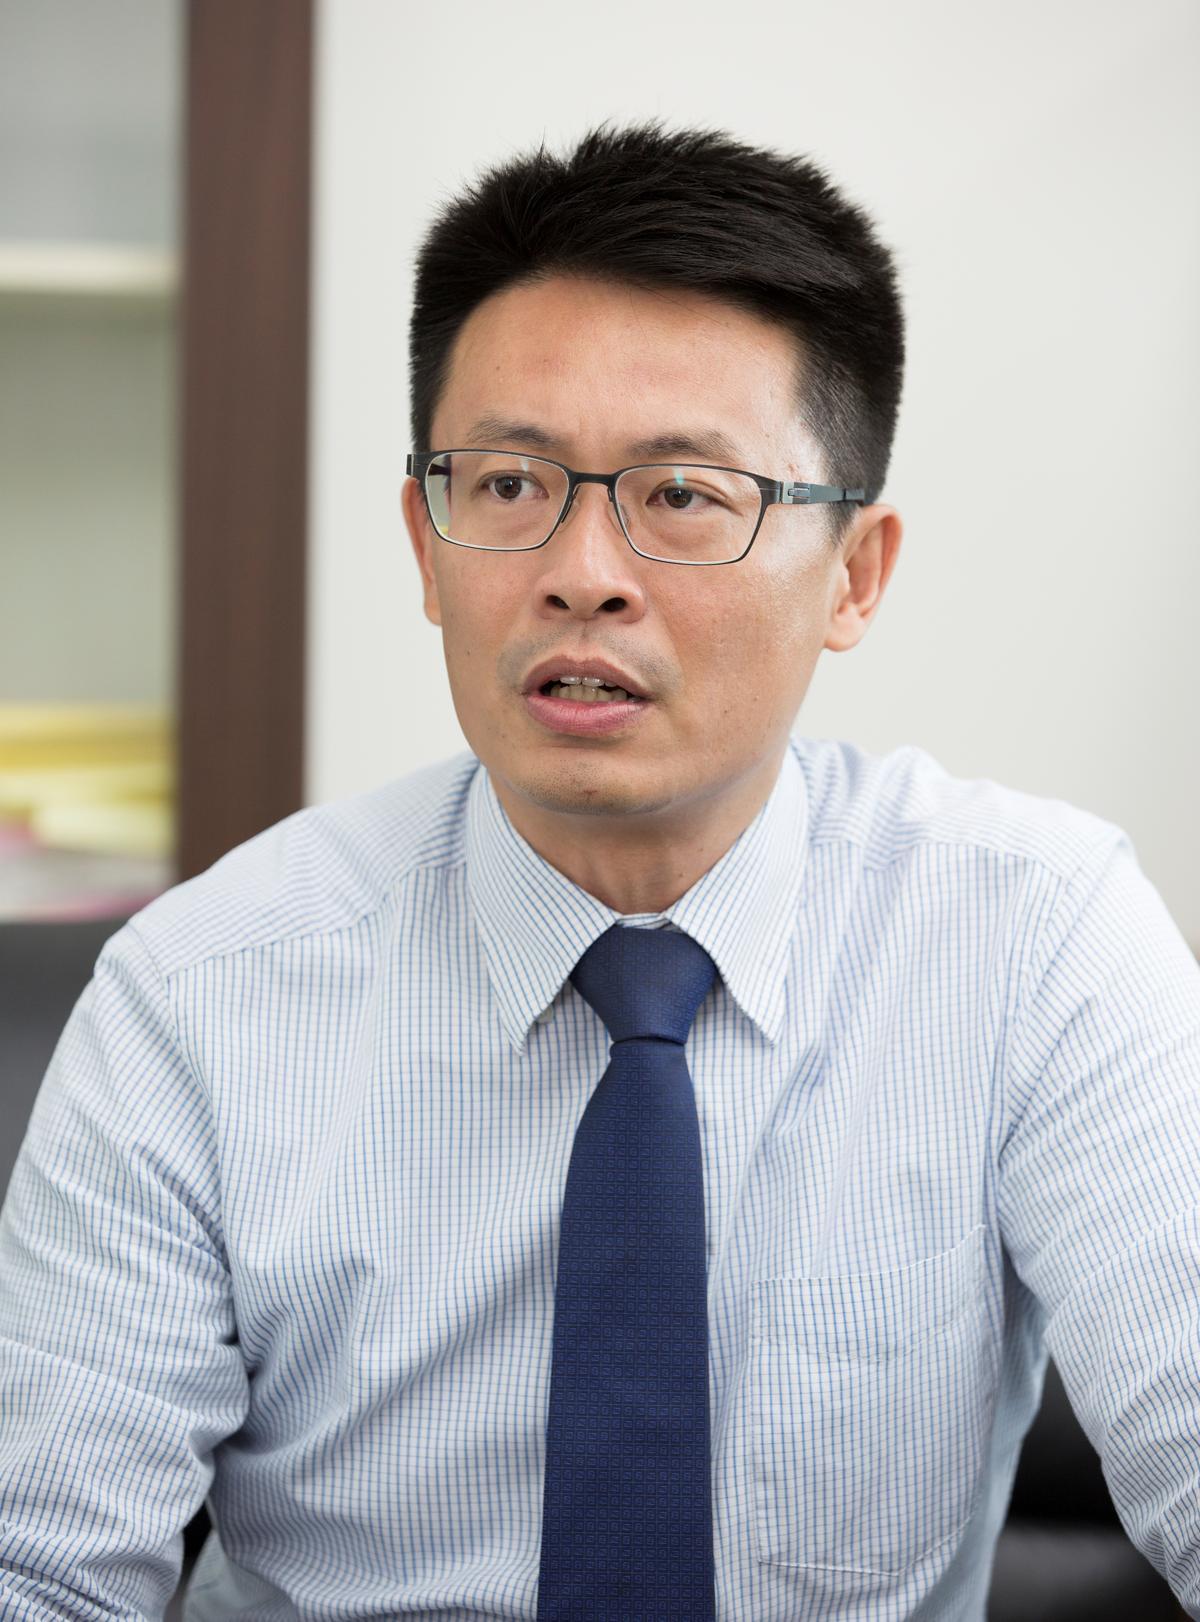 高雄橋頭地檢署主任檢察官徐弘儒。